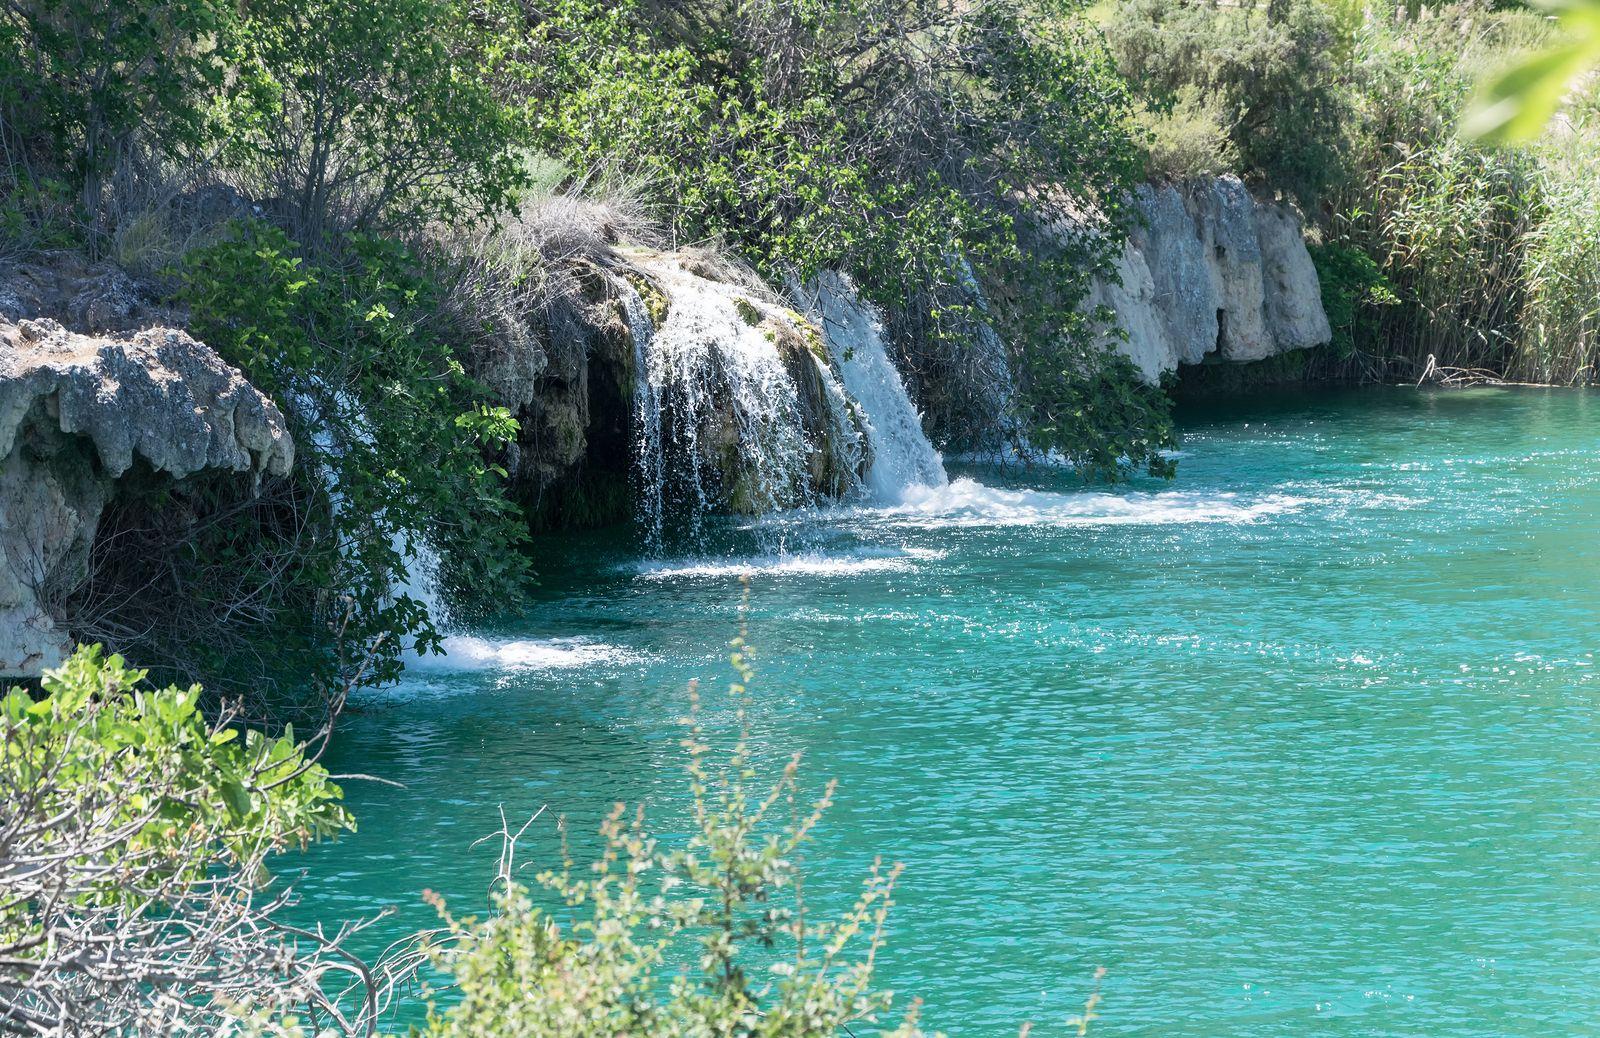 De Visita Al Parque Natural Lagunas De Ruidera